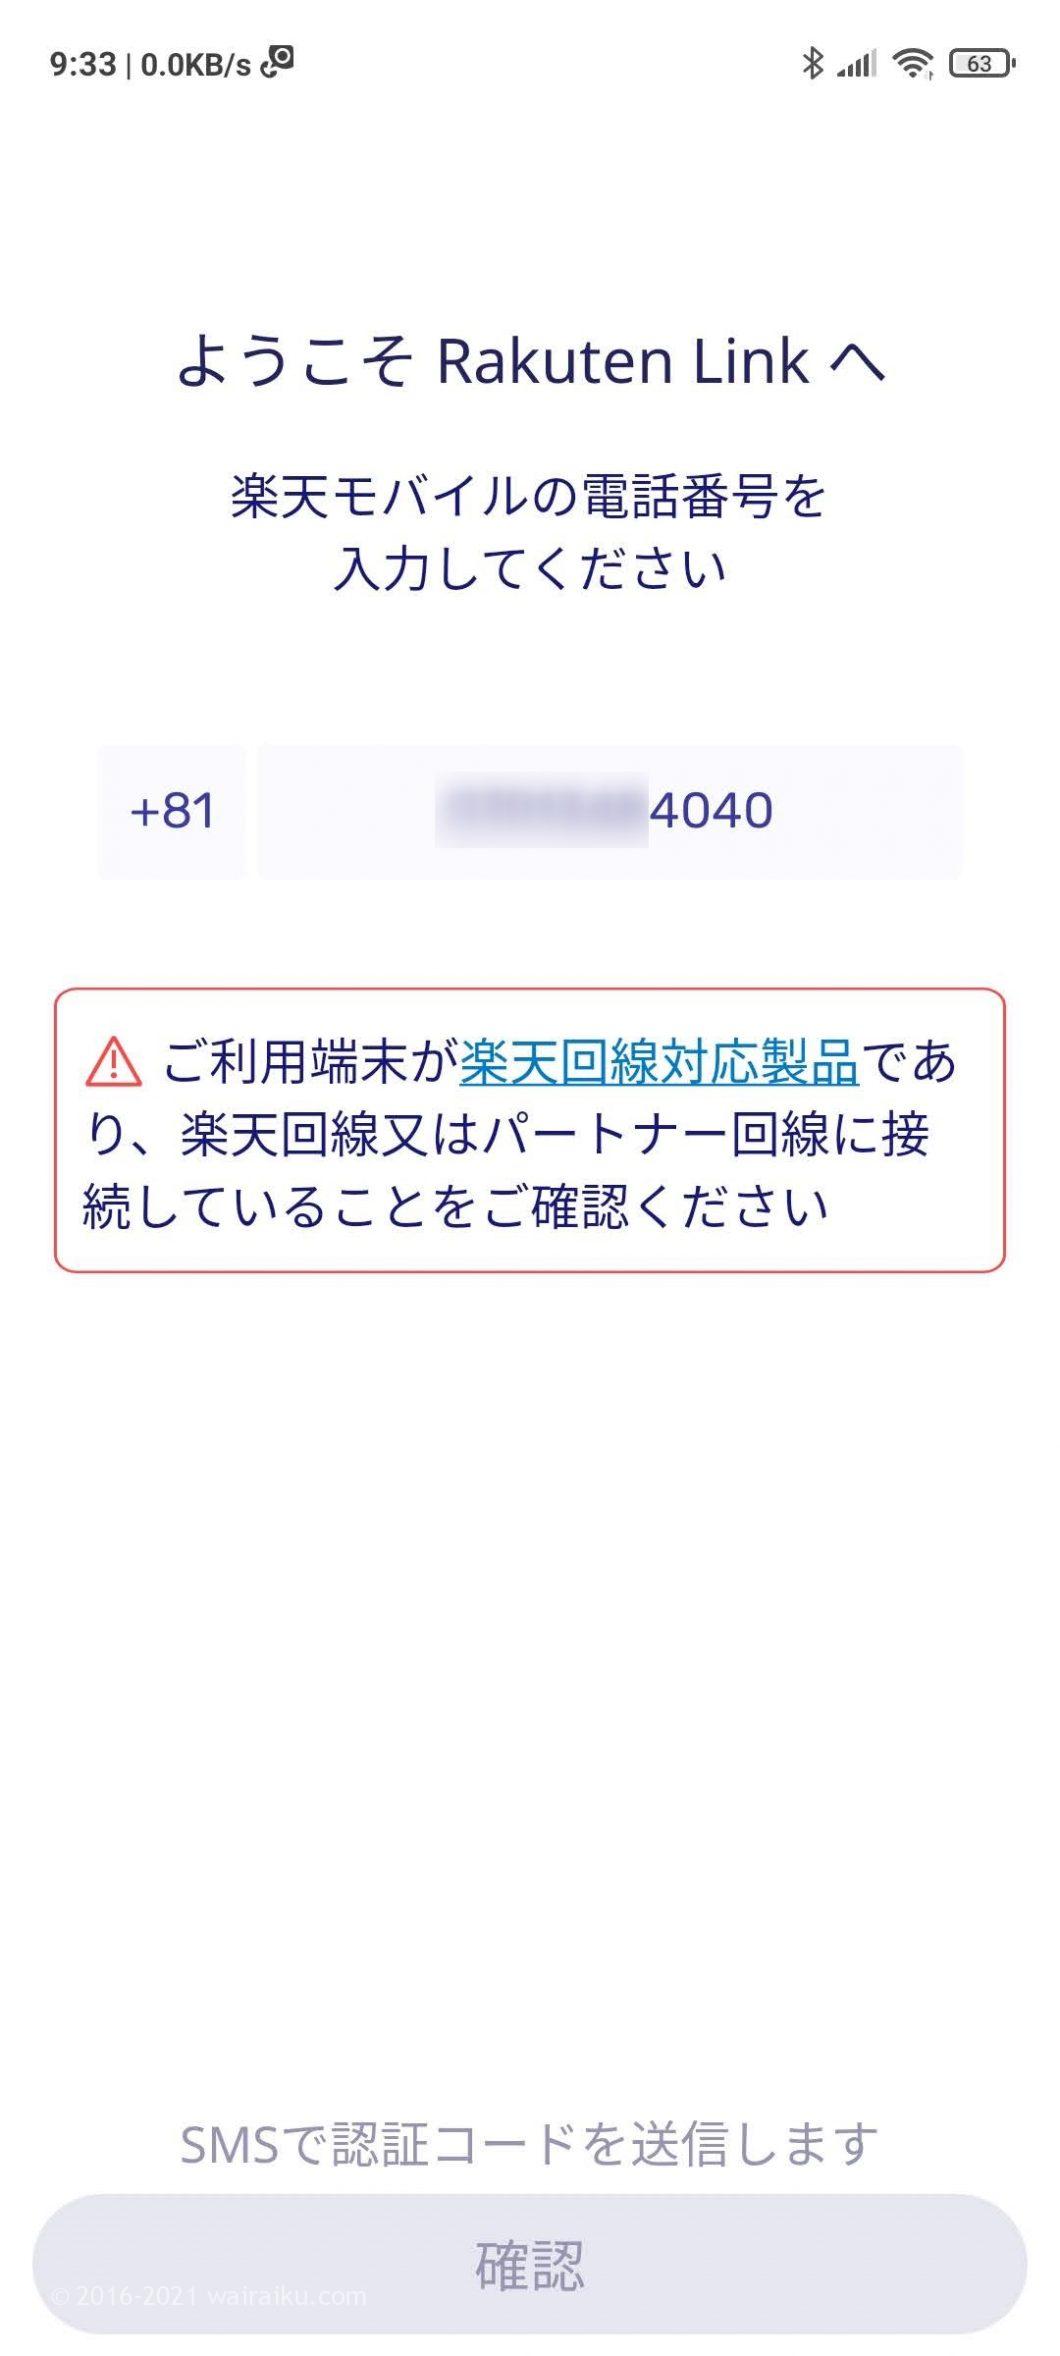 楽天Link データ通信オフ 発着信 dsdv